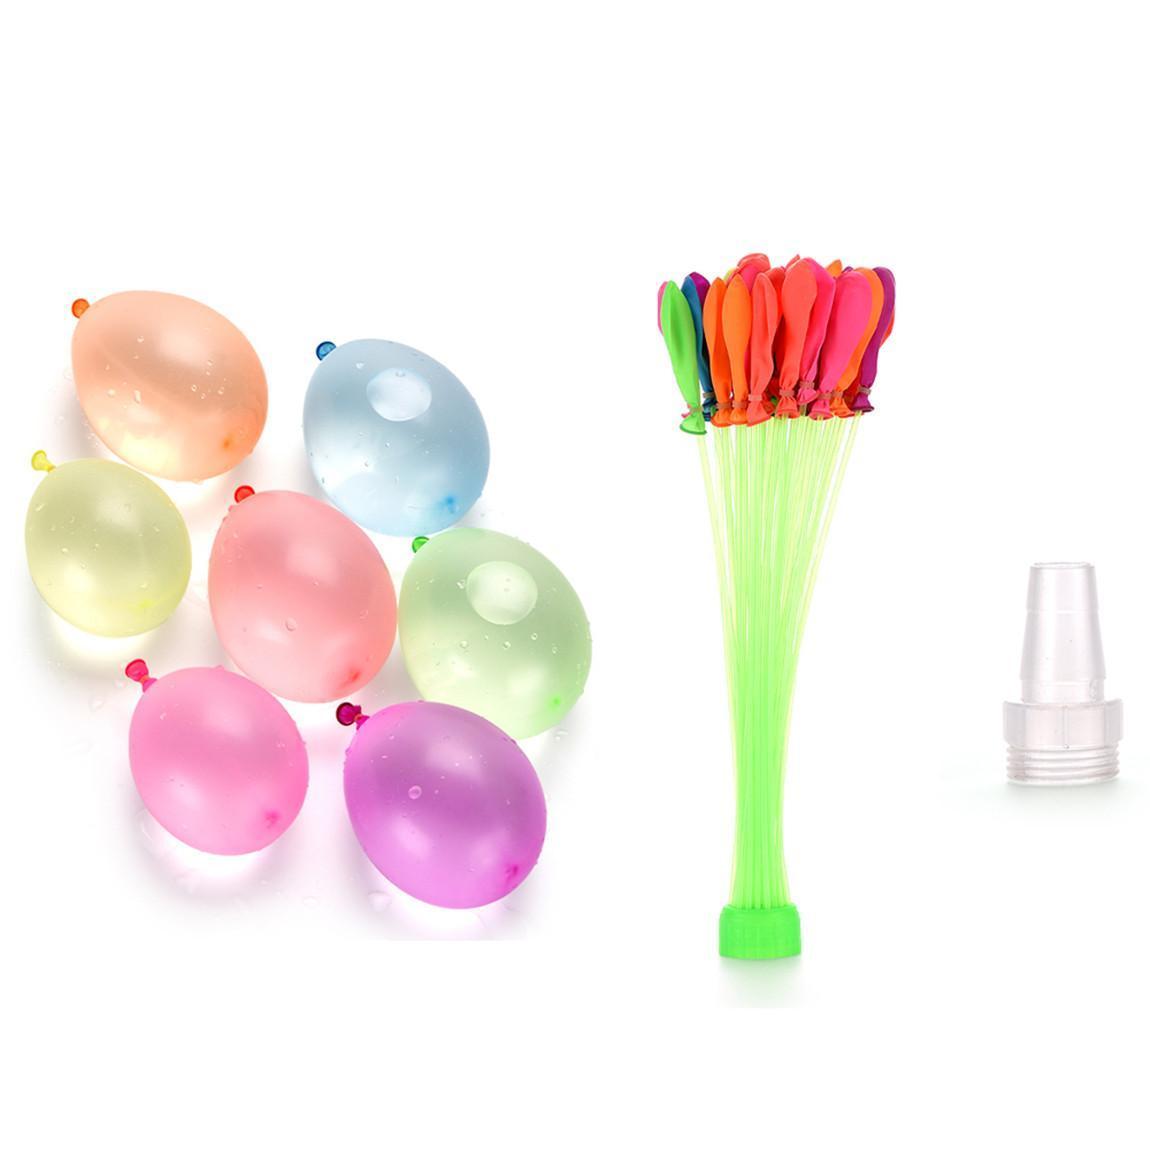 111Psc eau coloré rempli Ballons d'été pour enfants Garden Party plein air jouer dans les jeux aquatiques pour les enfants Jouets rapide Facile de remplissage d'eau 02